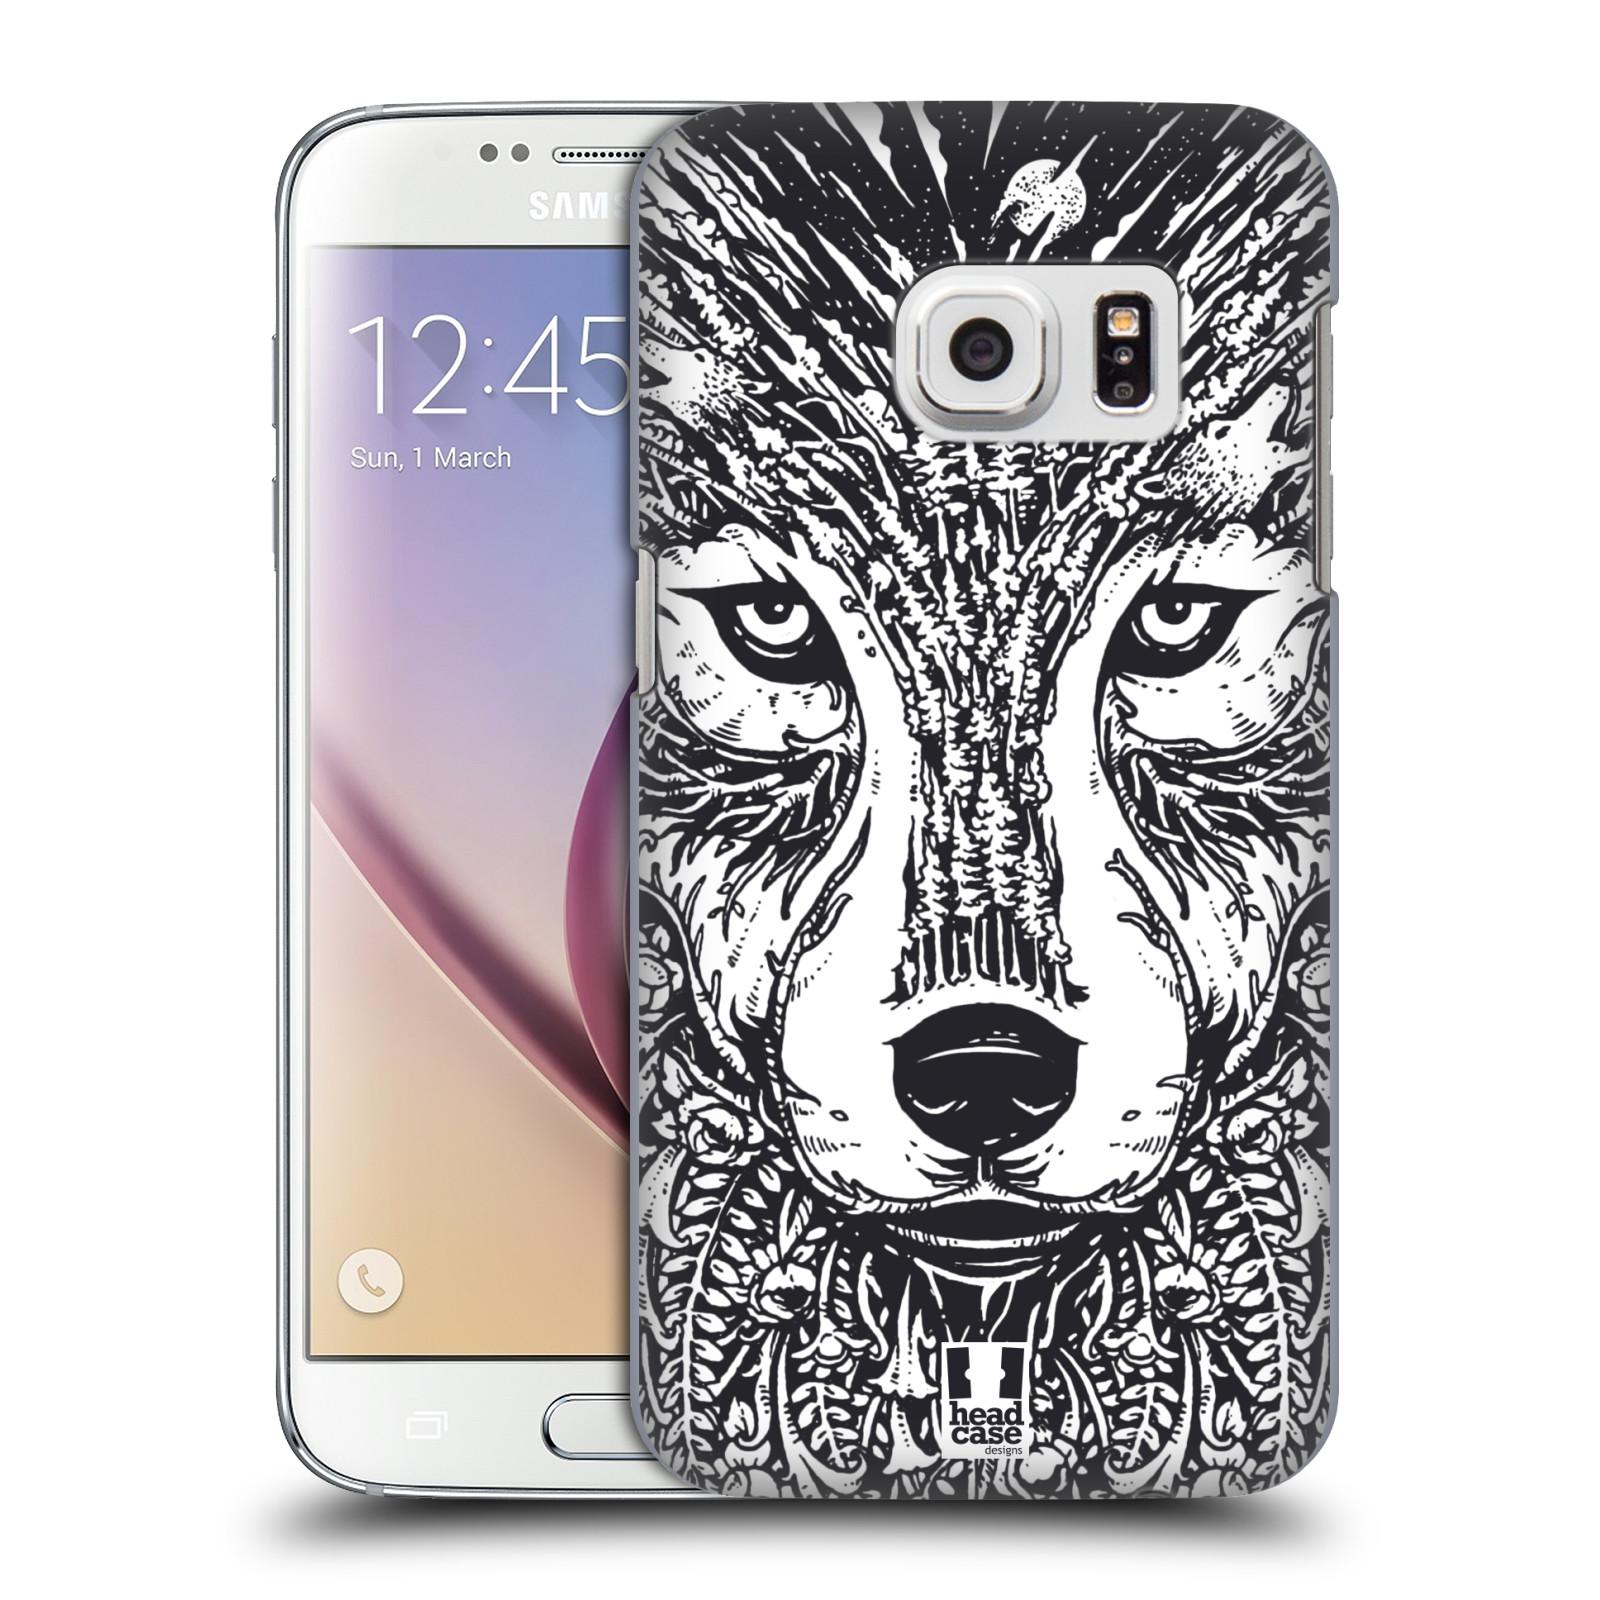 Plastové pouzdro na mobil Samsung Galaxy S7 HEAD CASE DOODLE TVÁŘ VLK (Kryt či obal na mobilní telefon Samsung Galaxy S7 SM-G930F)